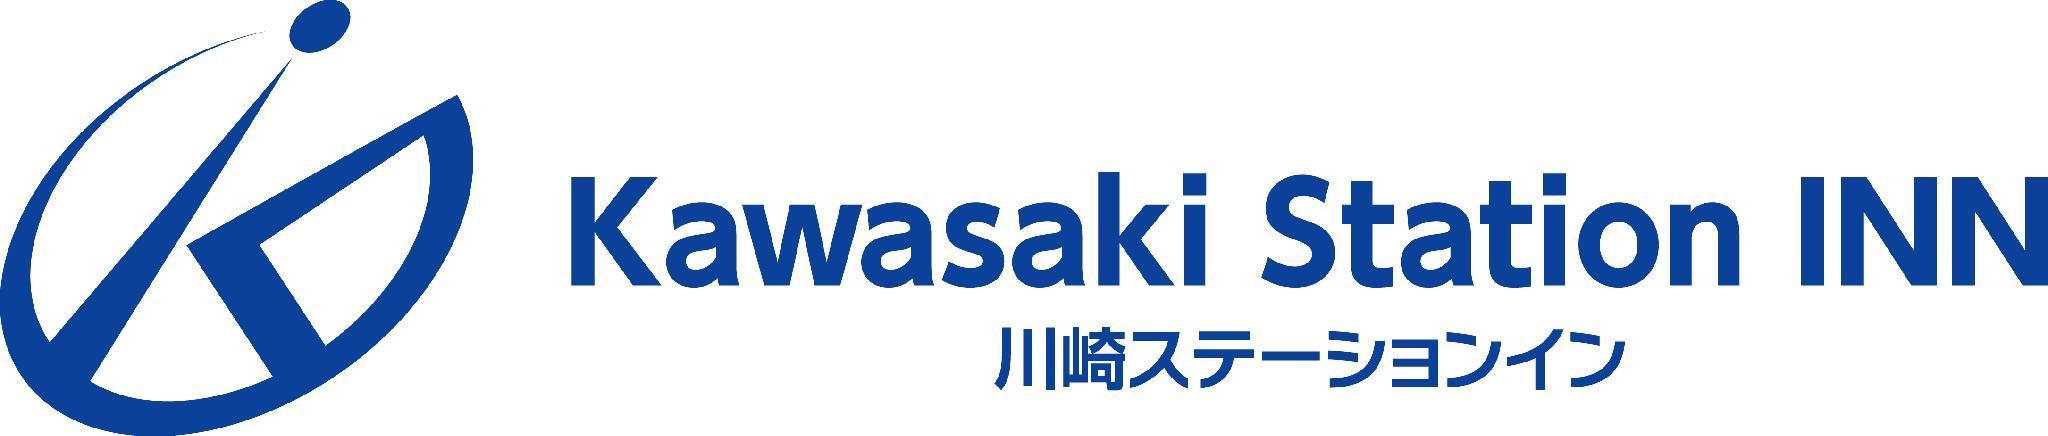 Kawasaki Station INN, Kawasaki